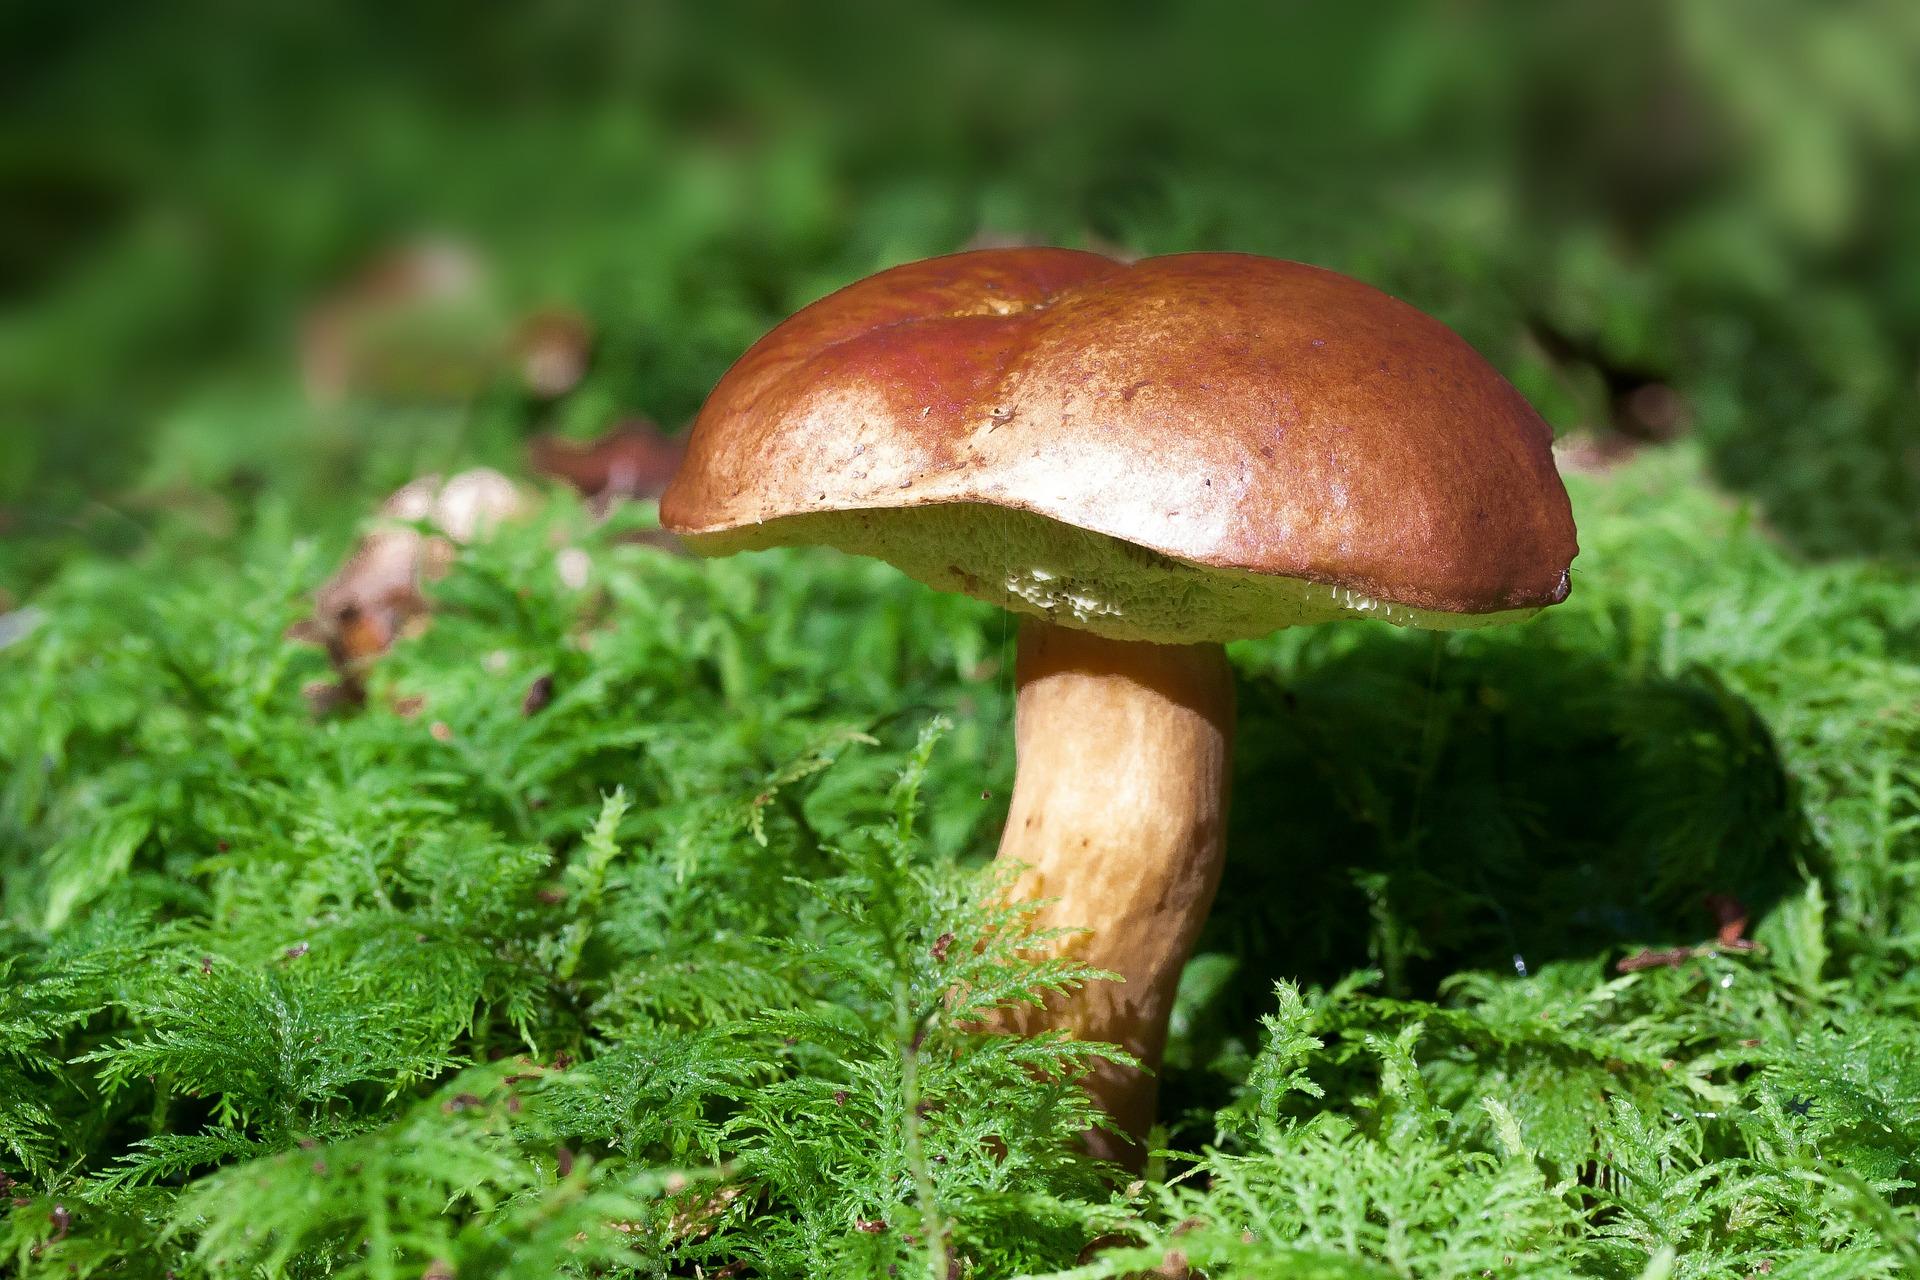 Mushroom in sunlight.